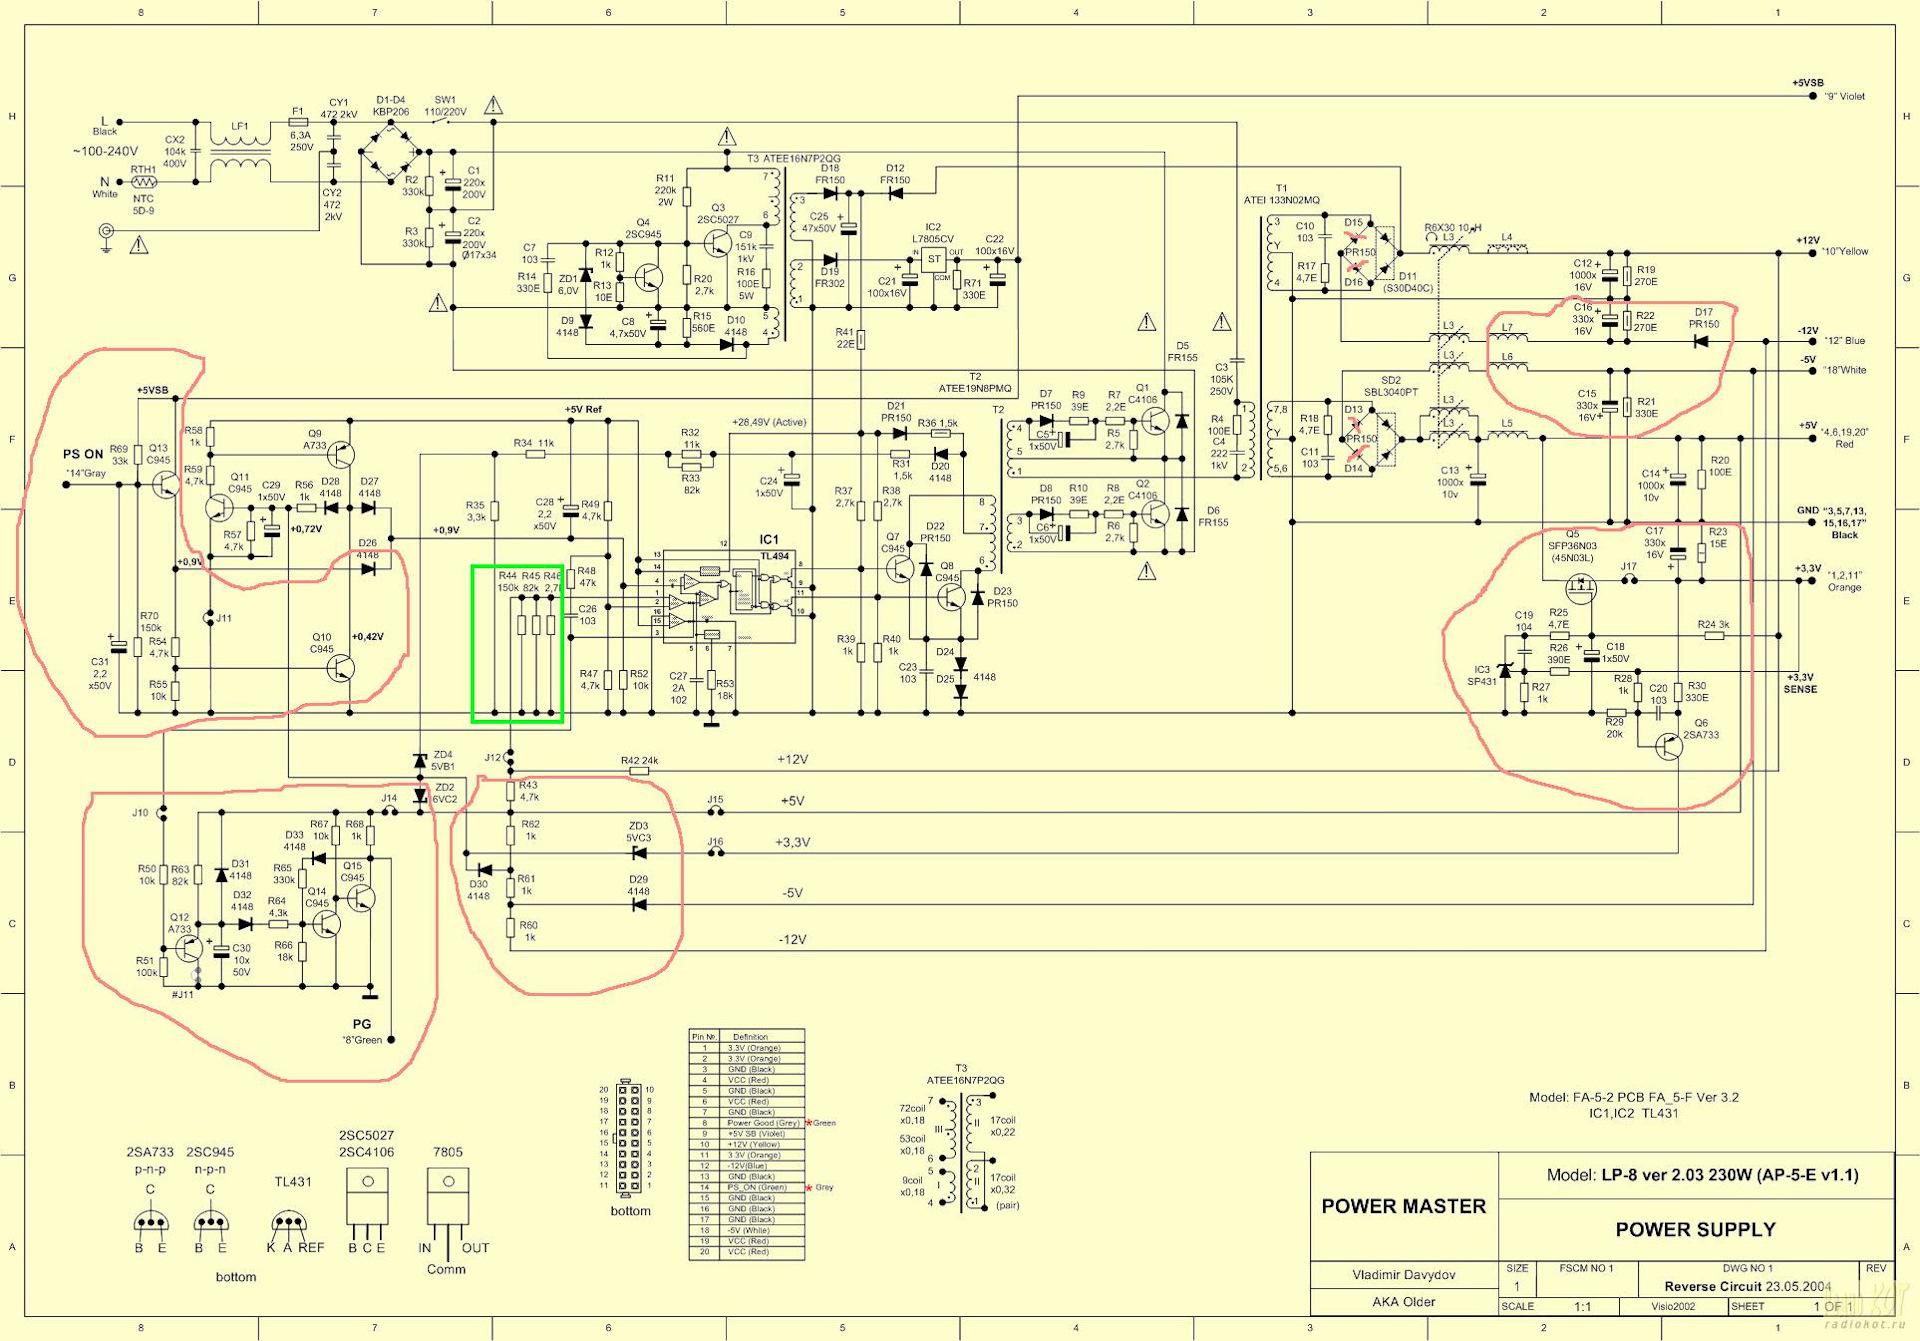 Как сделать зарядку для аккумулятора с блок питания компьютера